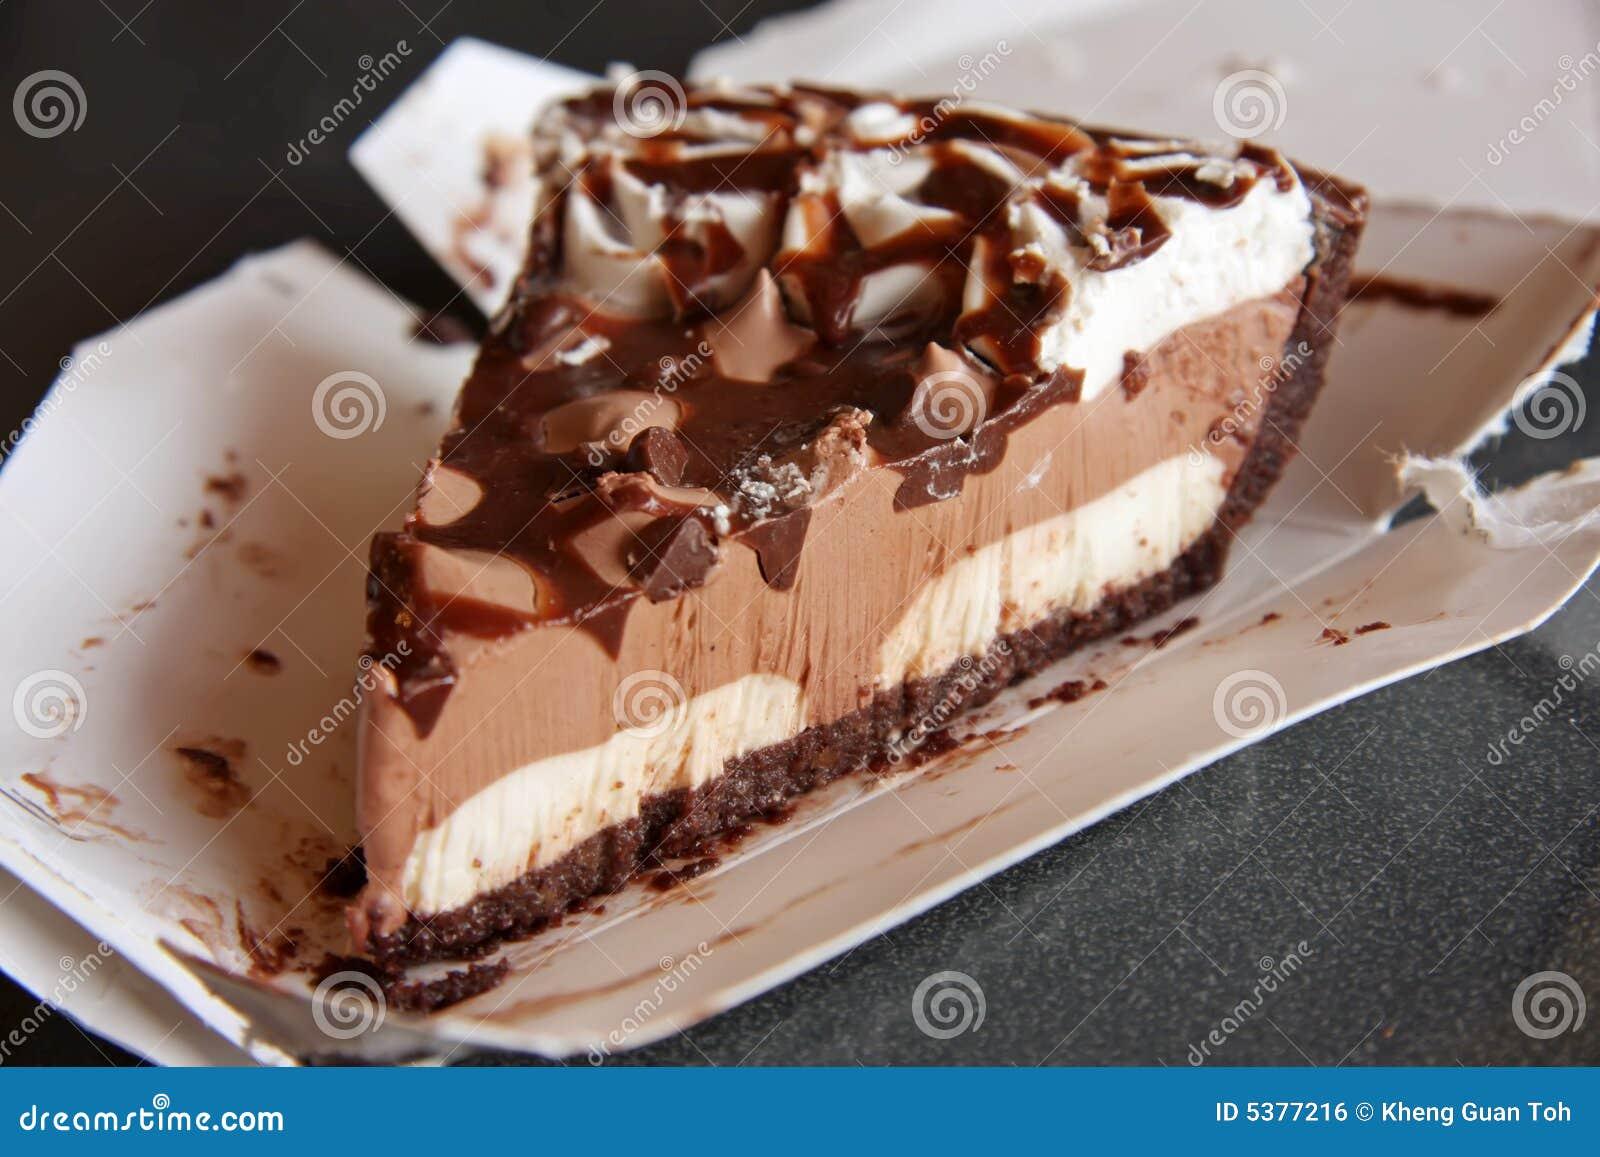 Chocolate Pie Royalty Free Stock Image - Image: 5377216